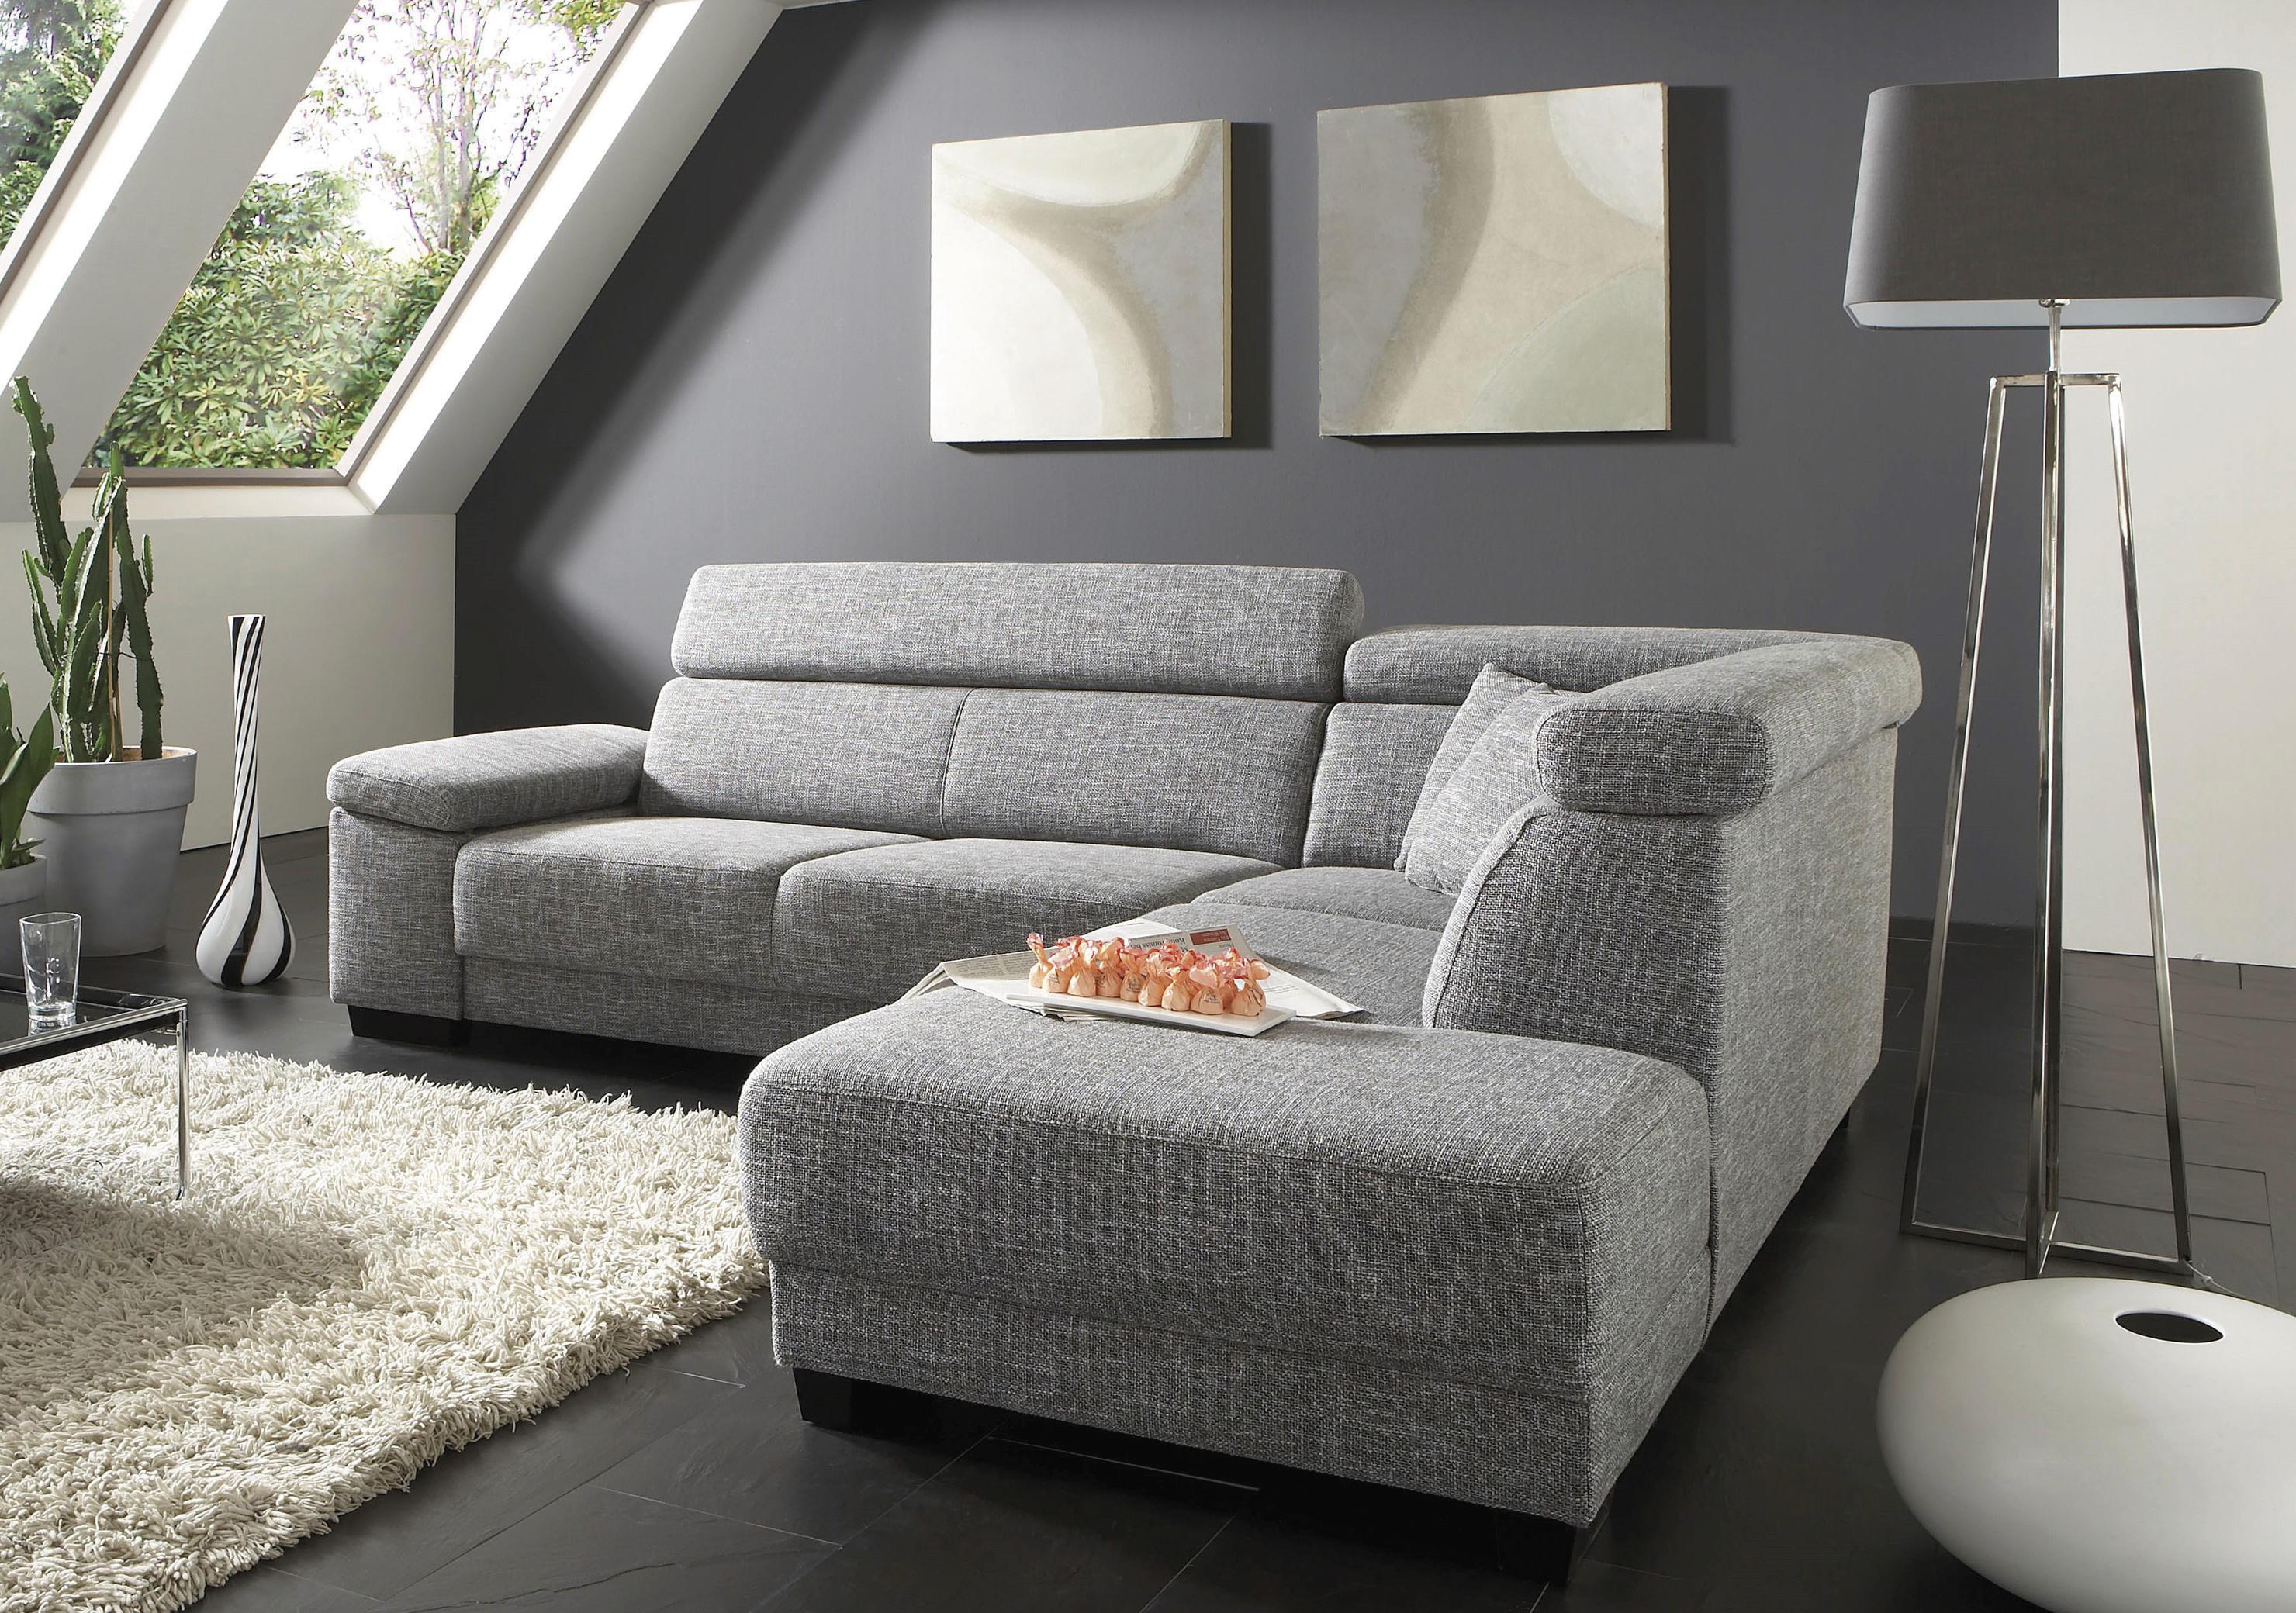 Mehr Stil fürs Zuhause mit SANTO!